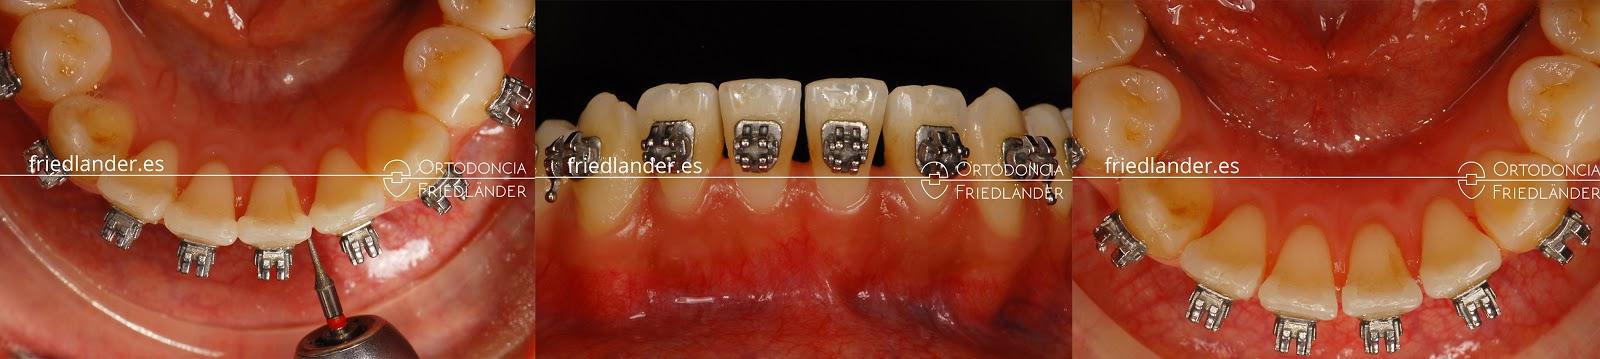 """""""Stripping"""" o reducción interproximal del esmalte para ganar espacio en ortodoncia 7"""